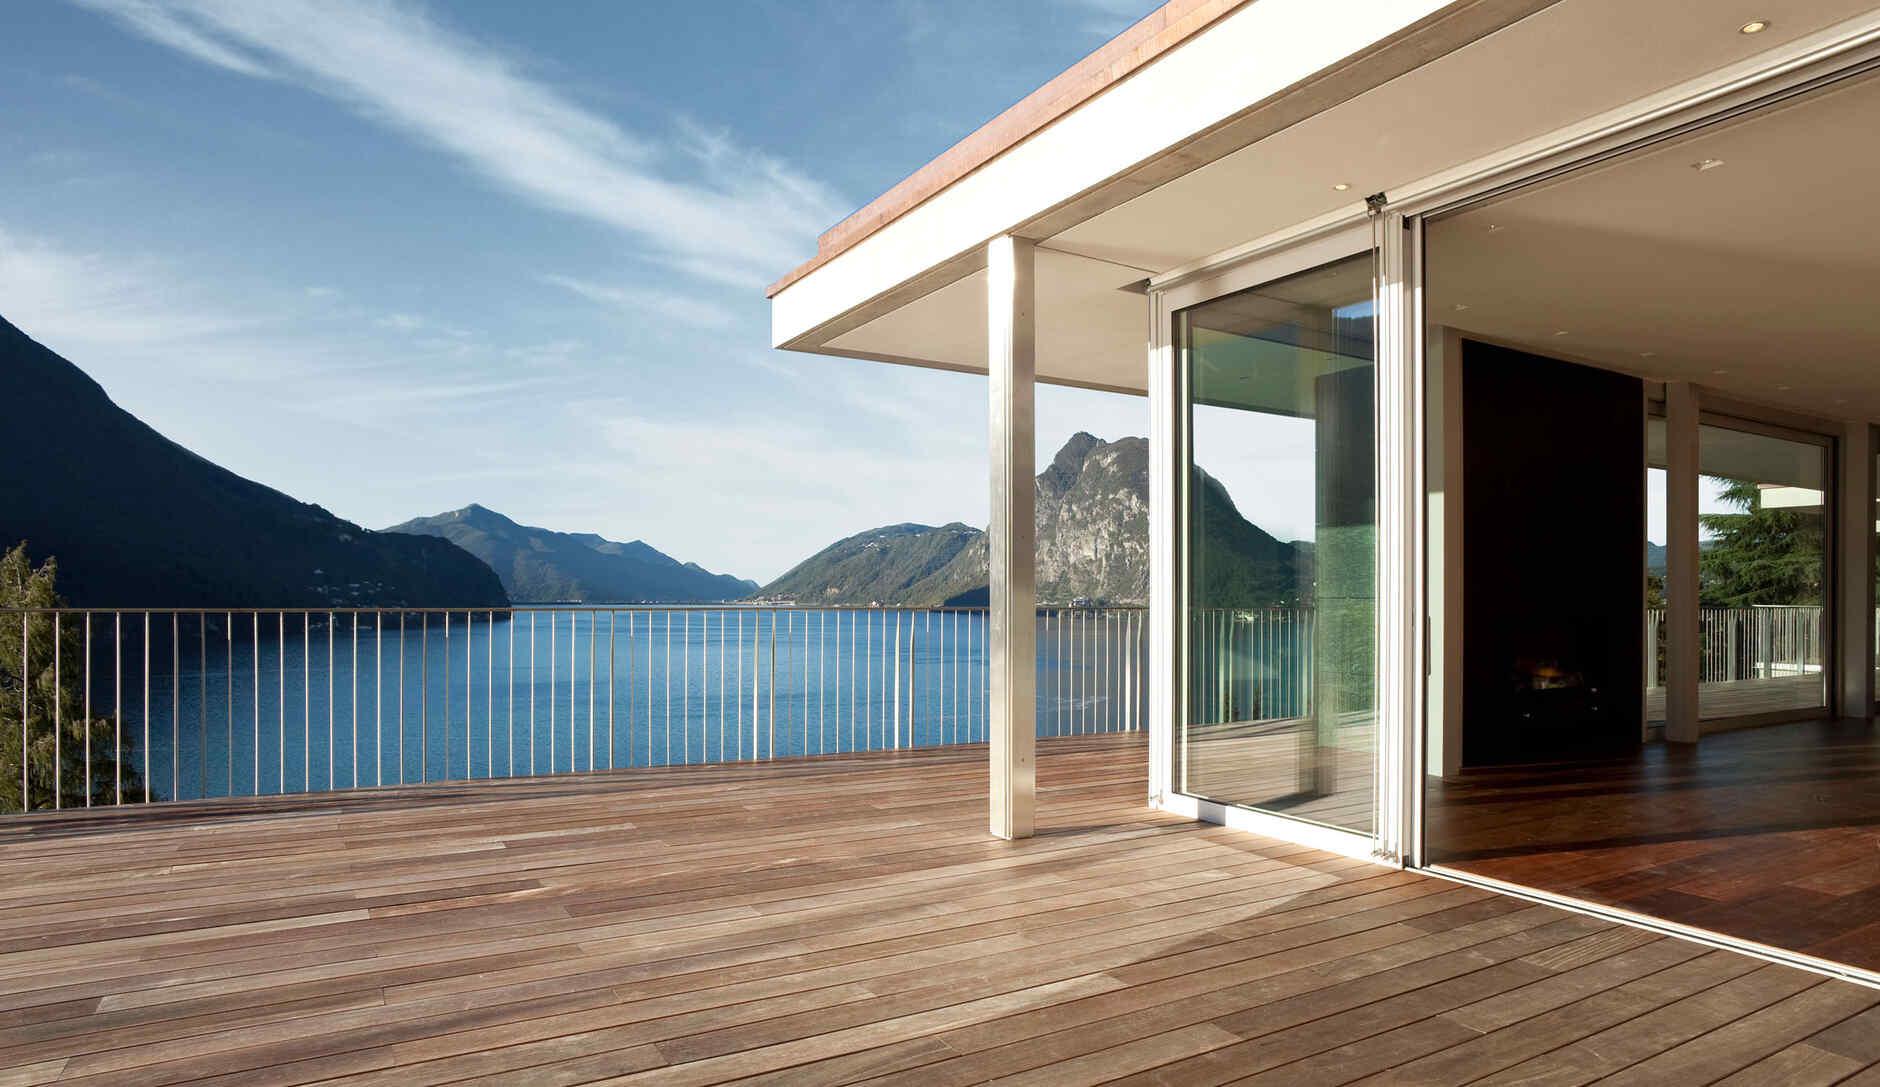 Fertigteilhaus mit Terrasse und Ausblick